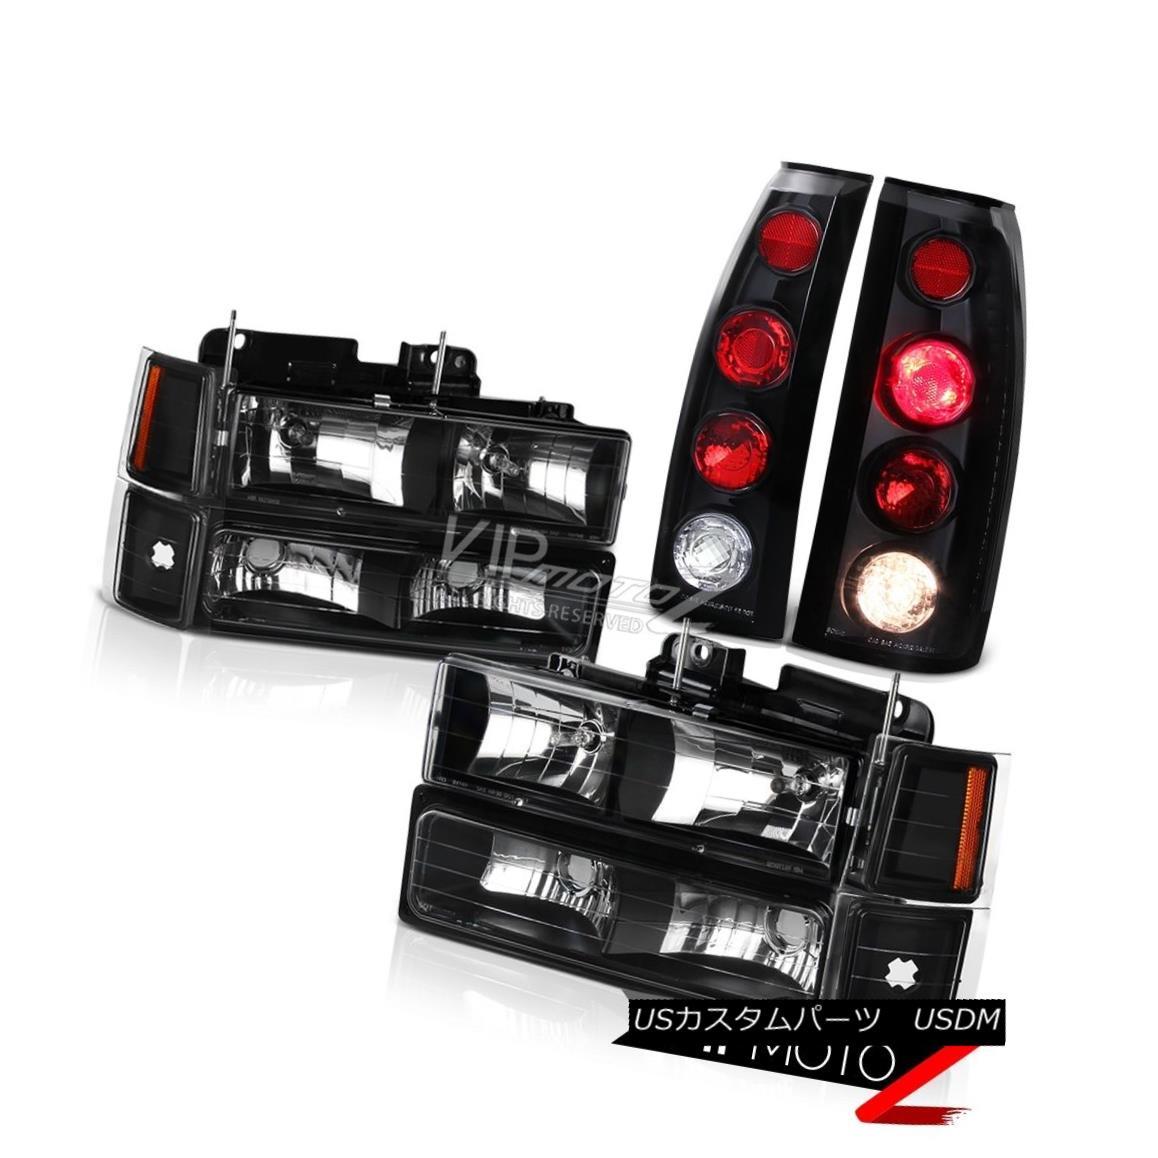 ヘッドライト Black Amber Corner Side Marker Parking Bumper Head Lights Red Euro Tail Lights ブラックアンバーコーナーサイドマーカーパーキングバンパーヘッドライトレッドユーロテールライト